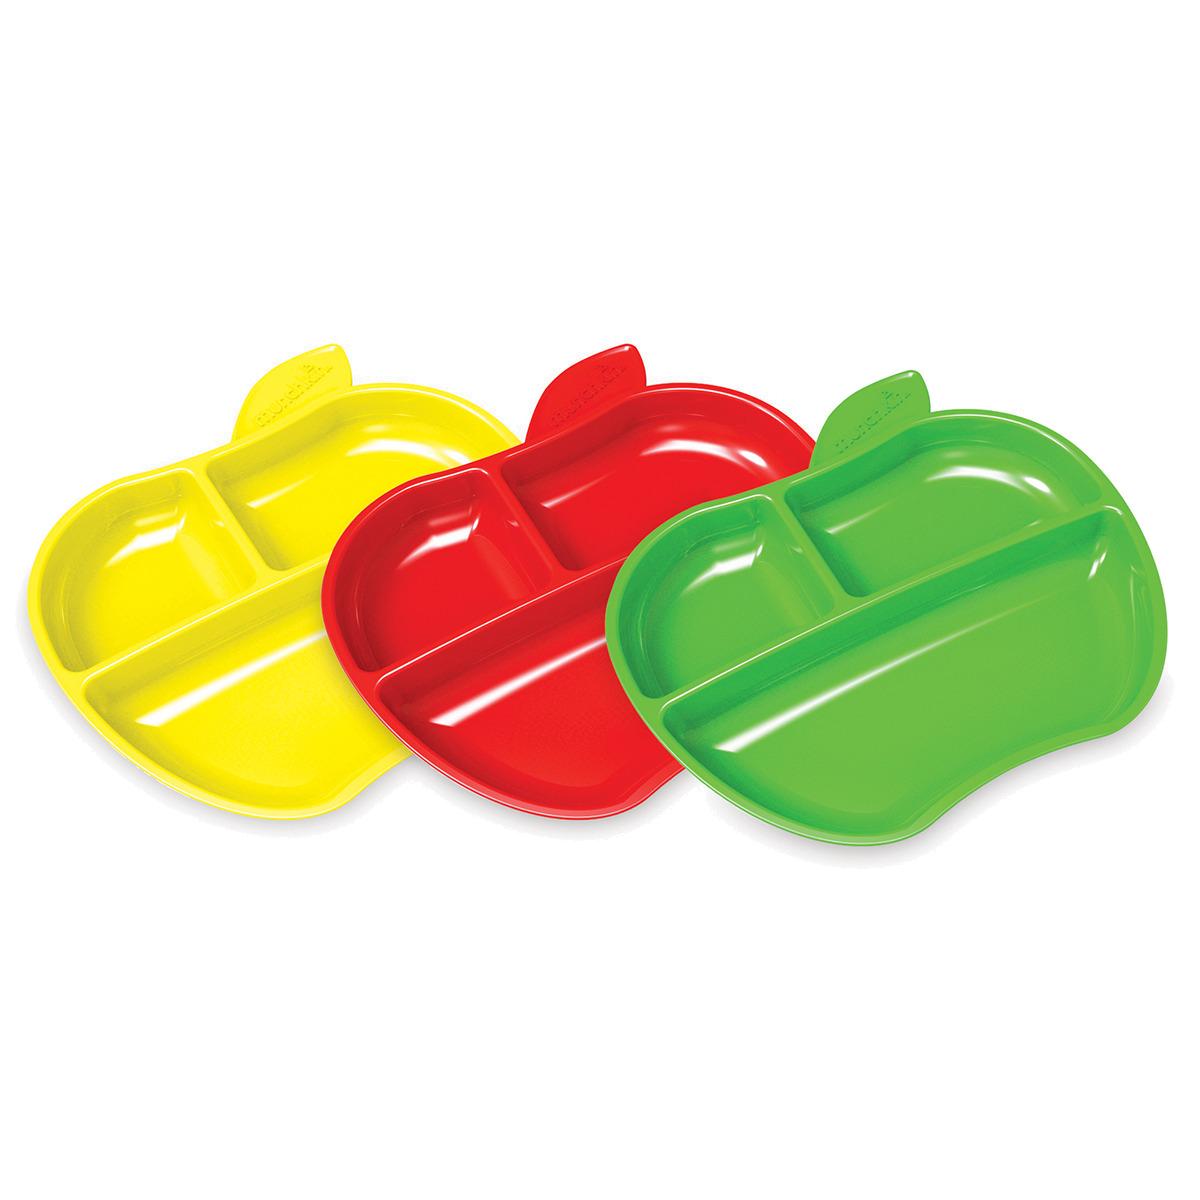 3 Πιάτα βαθιά σχήμα μήλο με χωρίσματα Munchkin